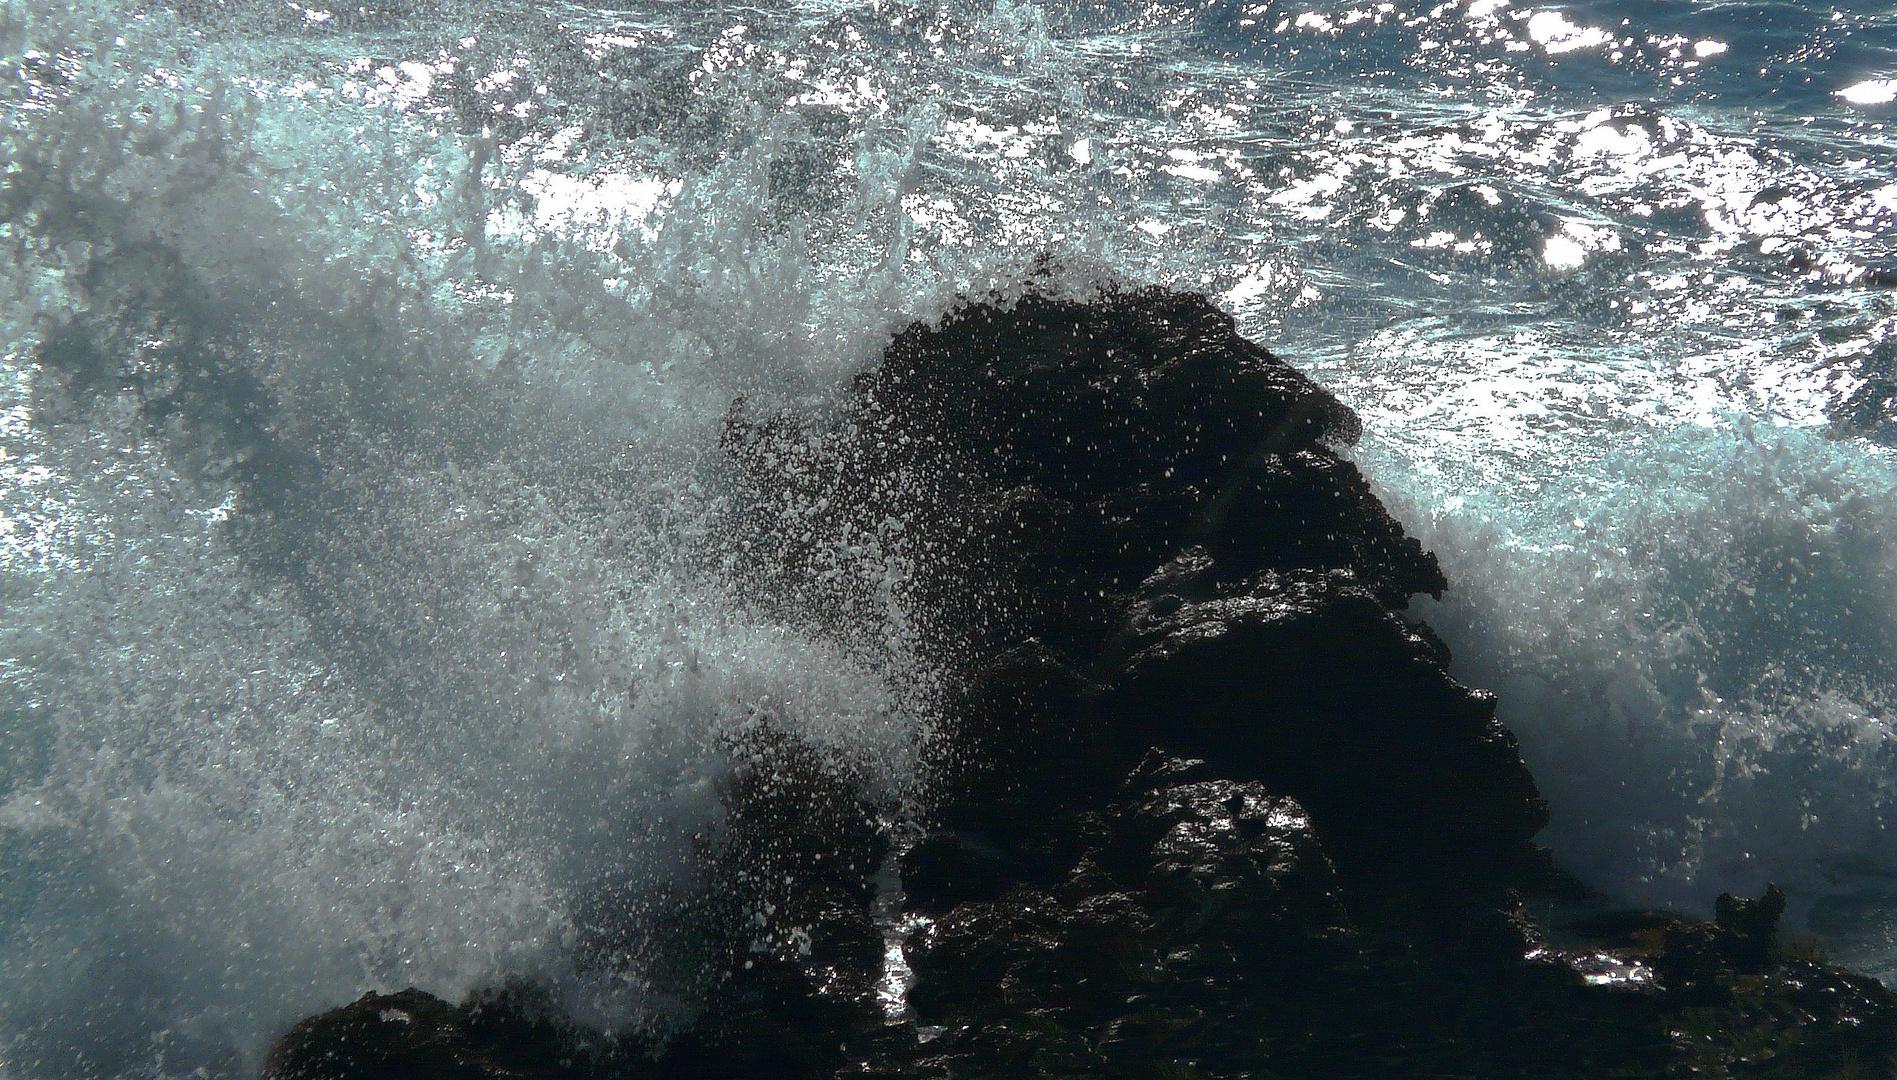 Profil de roche.